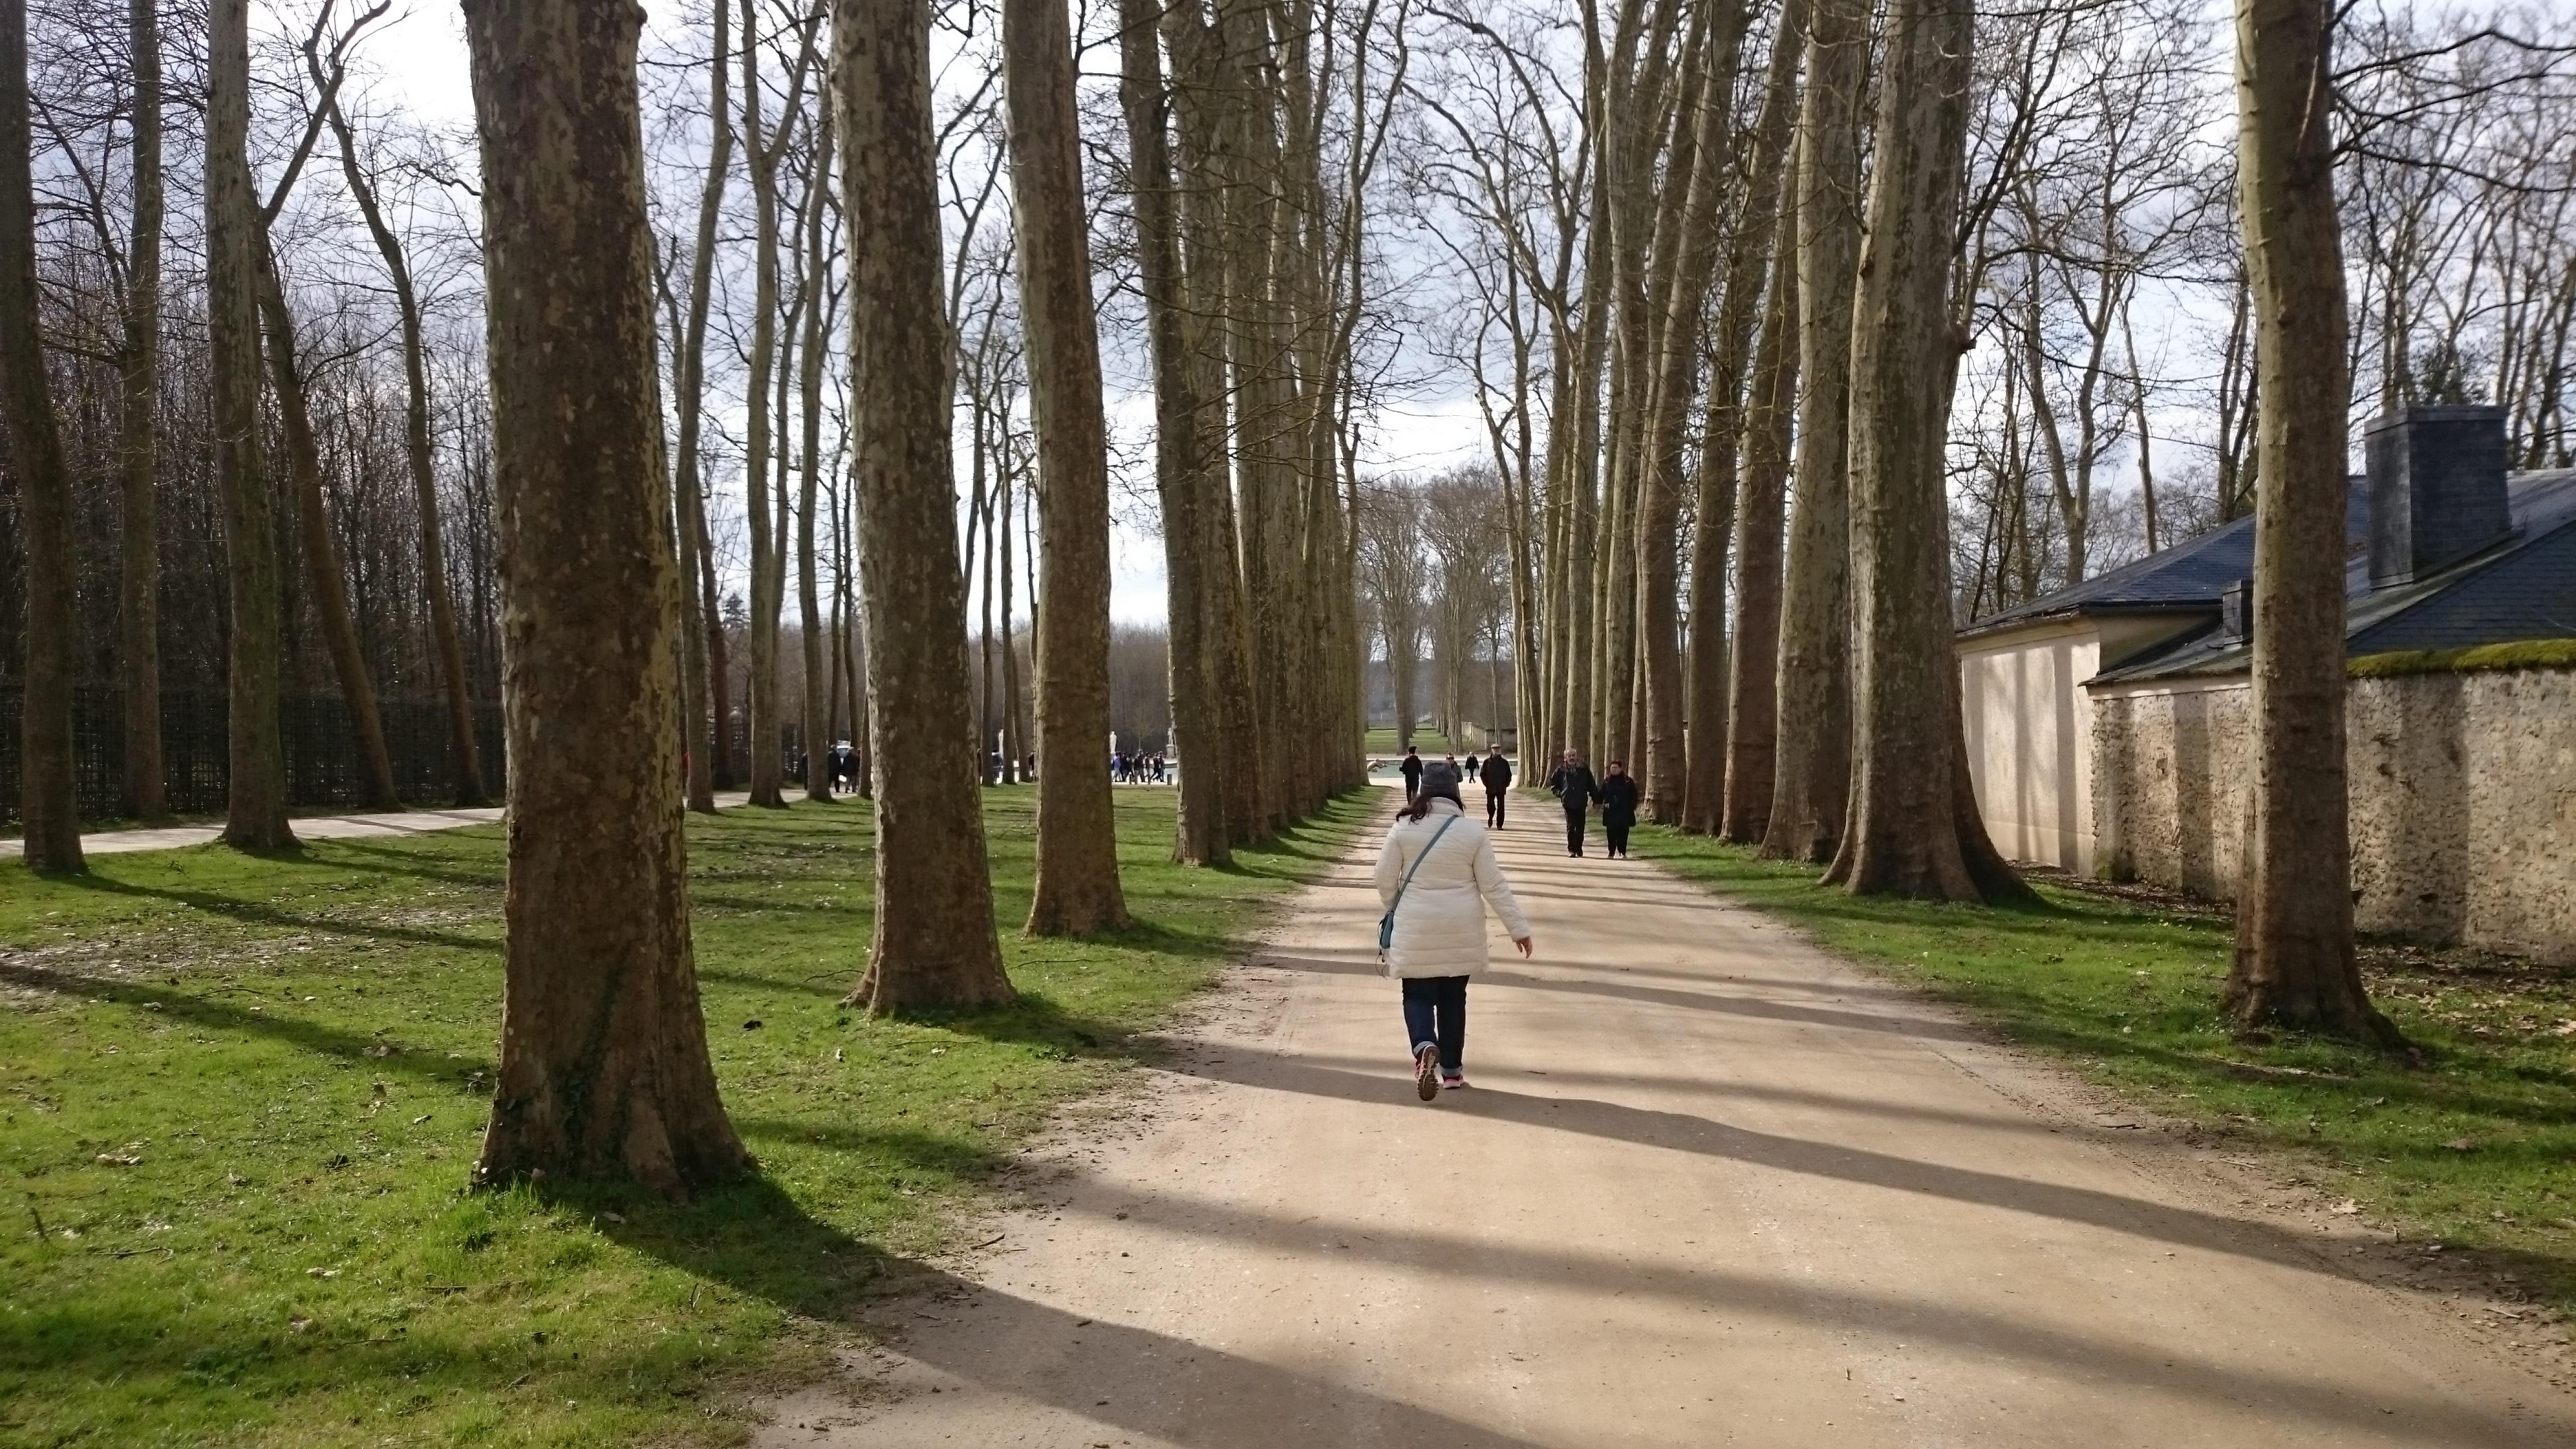 dsc 1170 copia - Visita al Palacio de Versalles: Como ir, cuanto cuesta y tips II/III